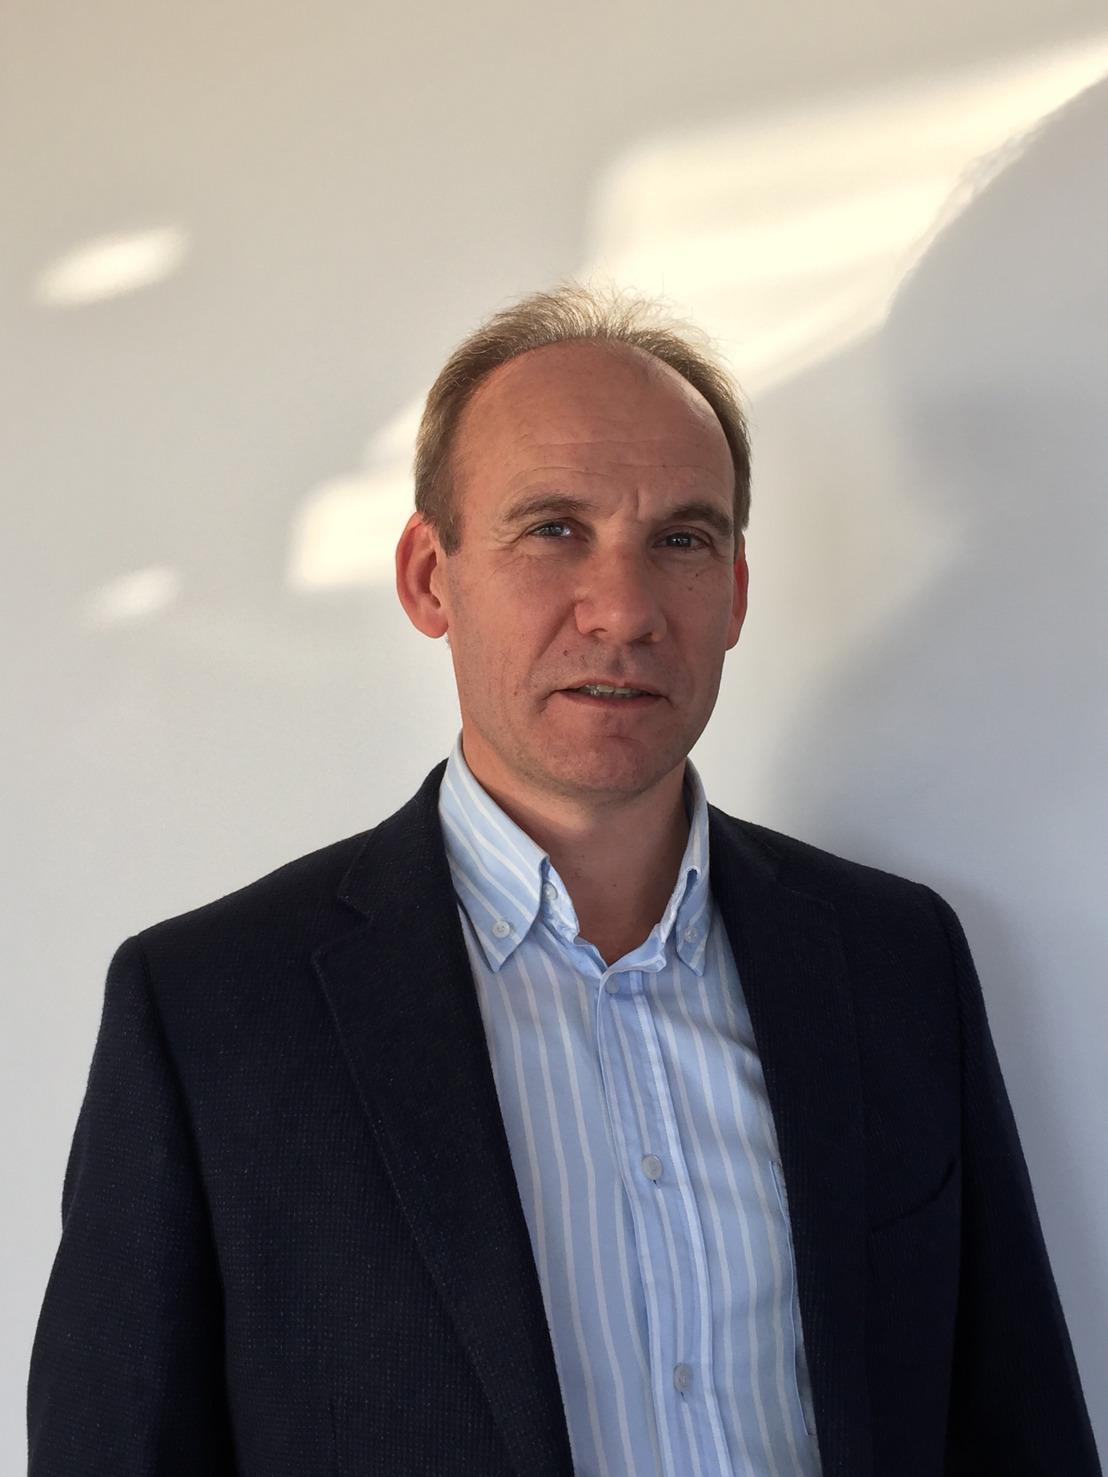 Dany De Budt is de nieuwe Country Manager Belgium bij Basware